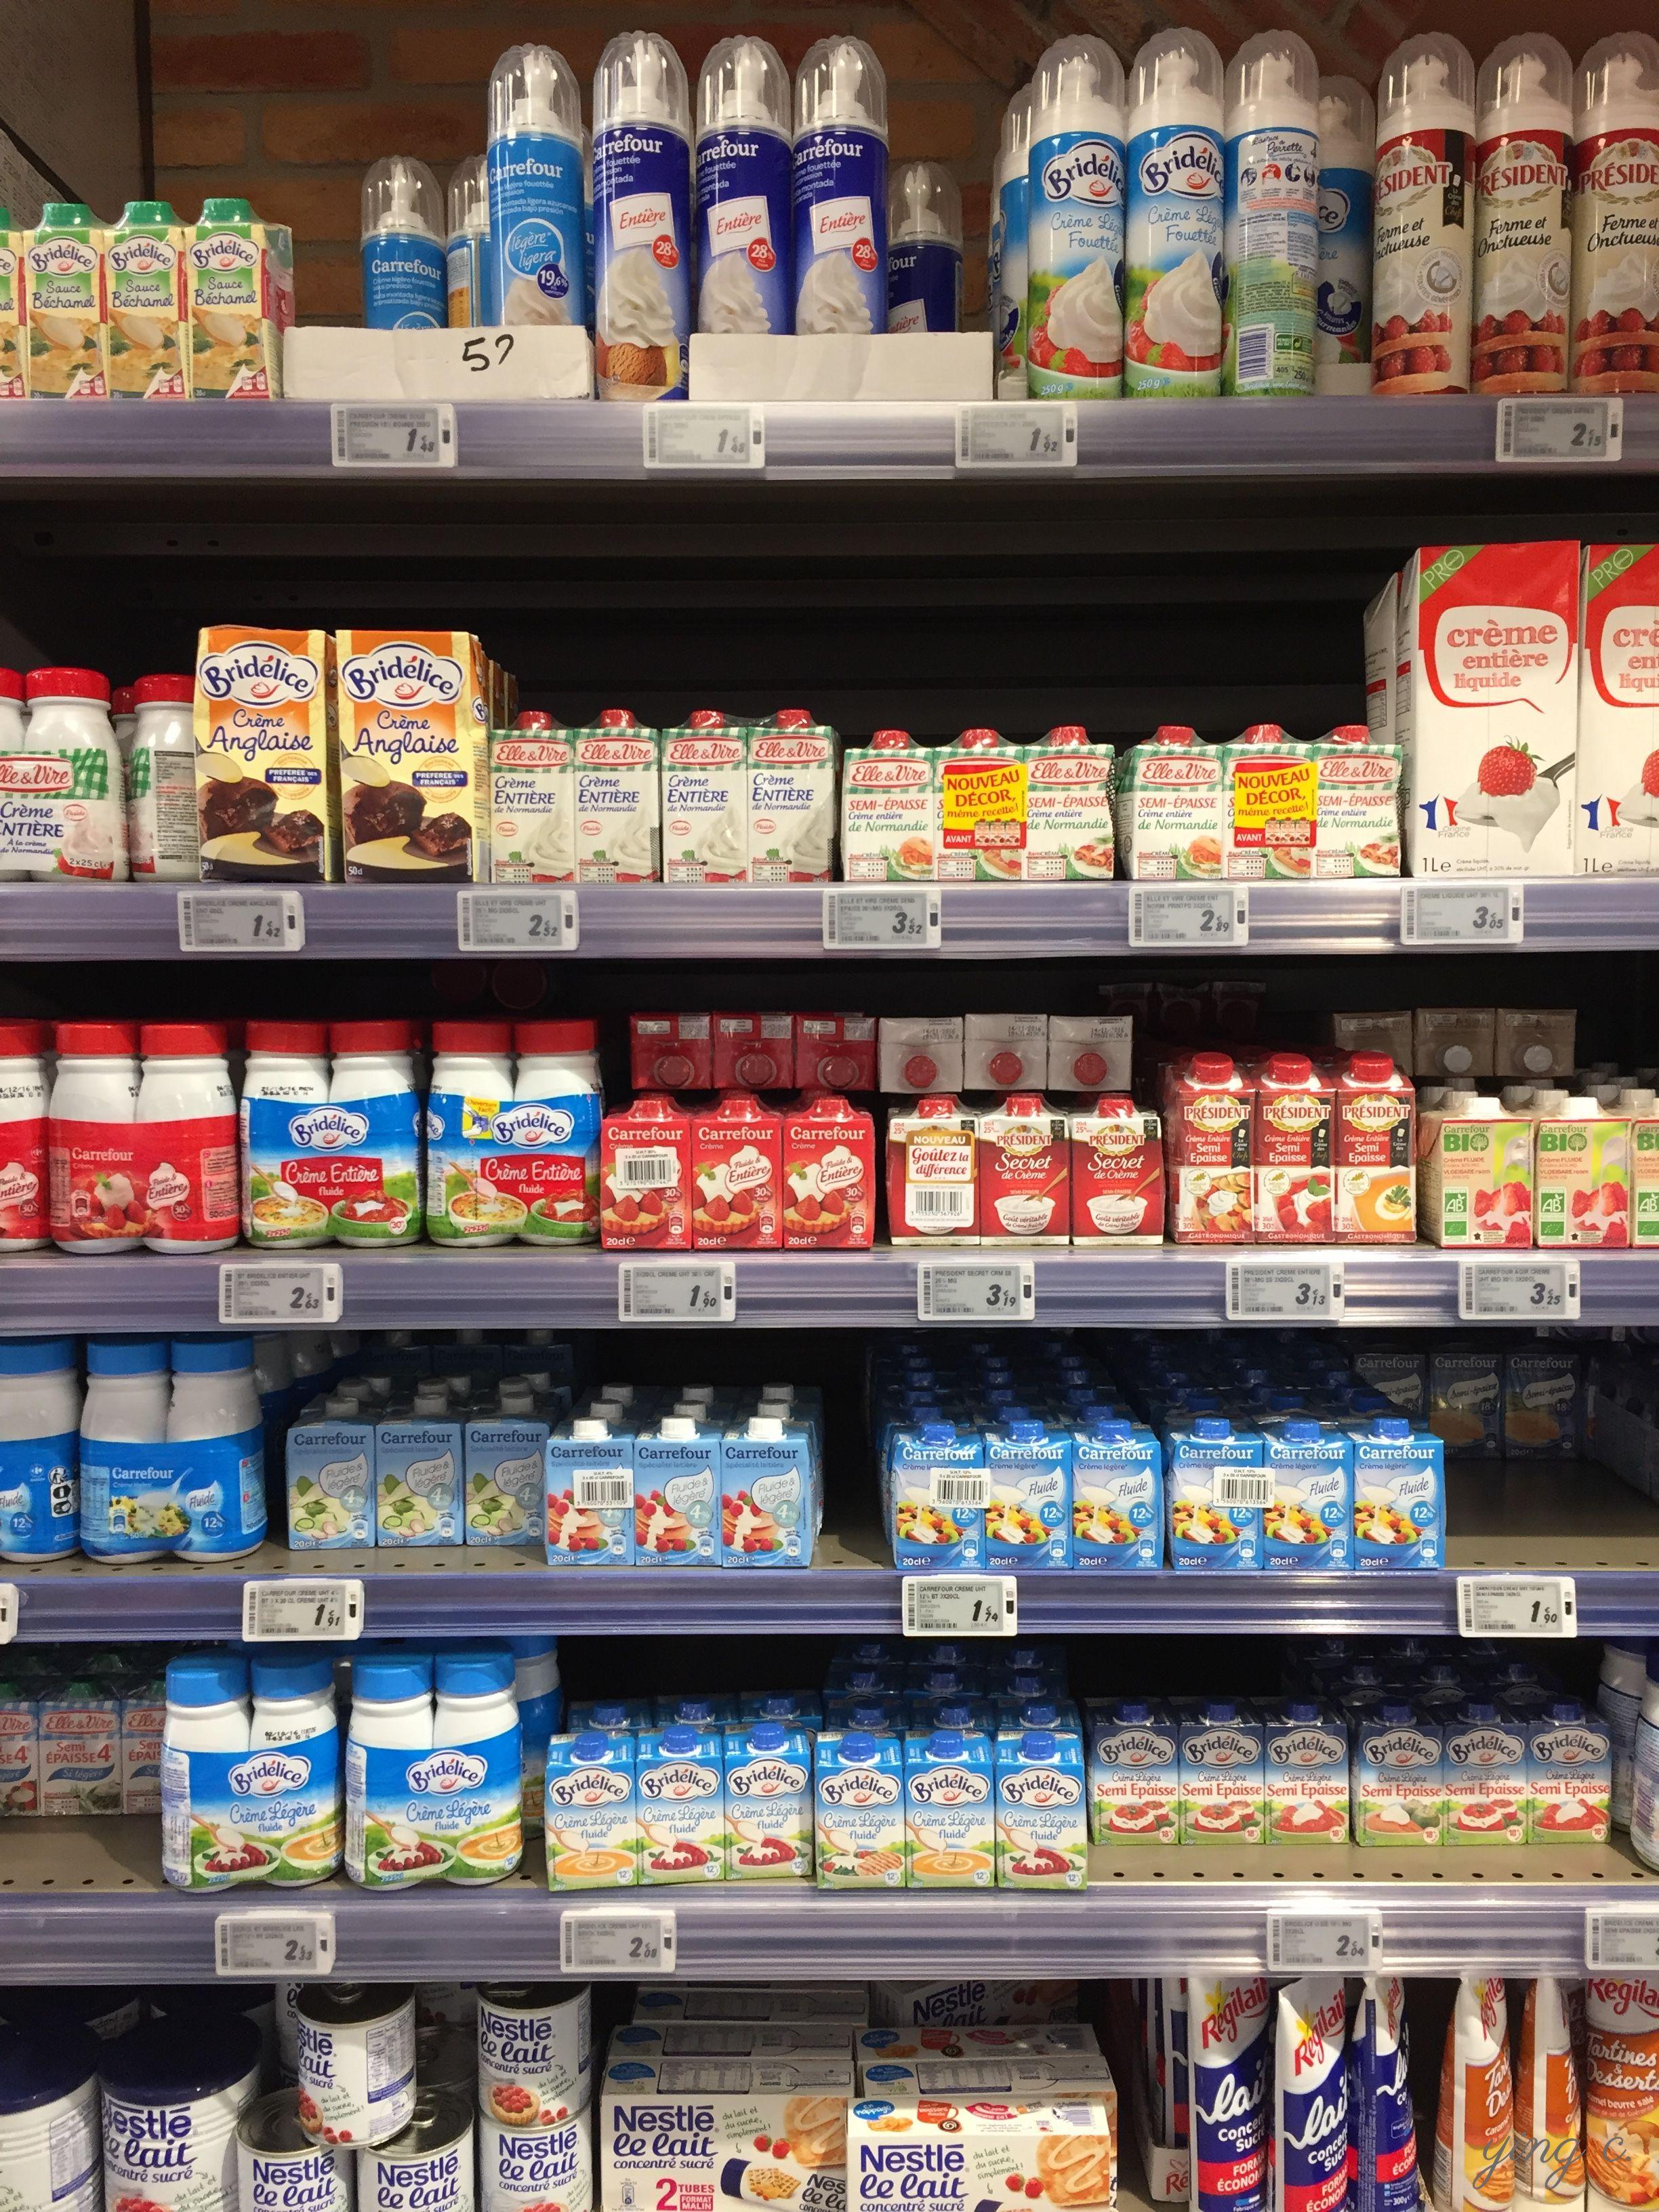 圖7. 要成功打發鮮奶油,一開始就必須選擇合適的產品。圖中為法國一般超市貨架上各式各樣的鮮奶油。(攝影:Ying Chen)